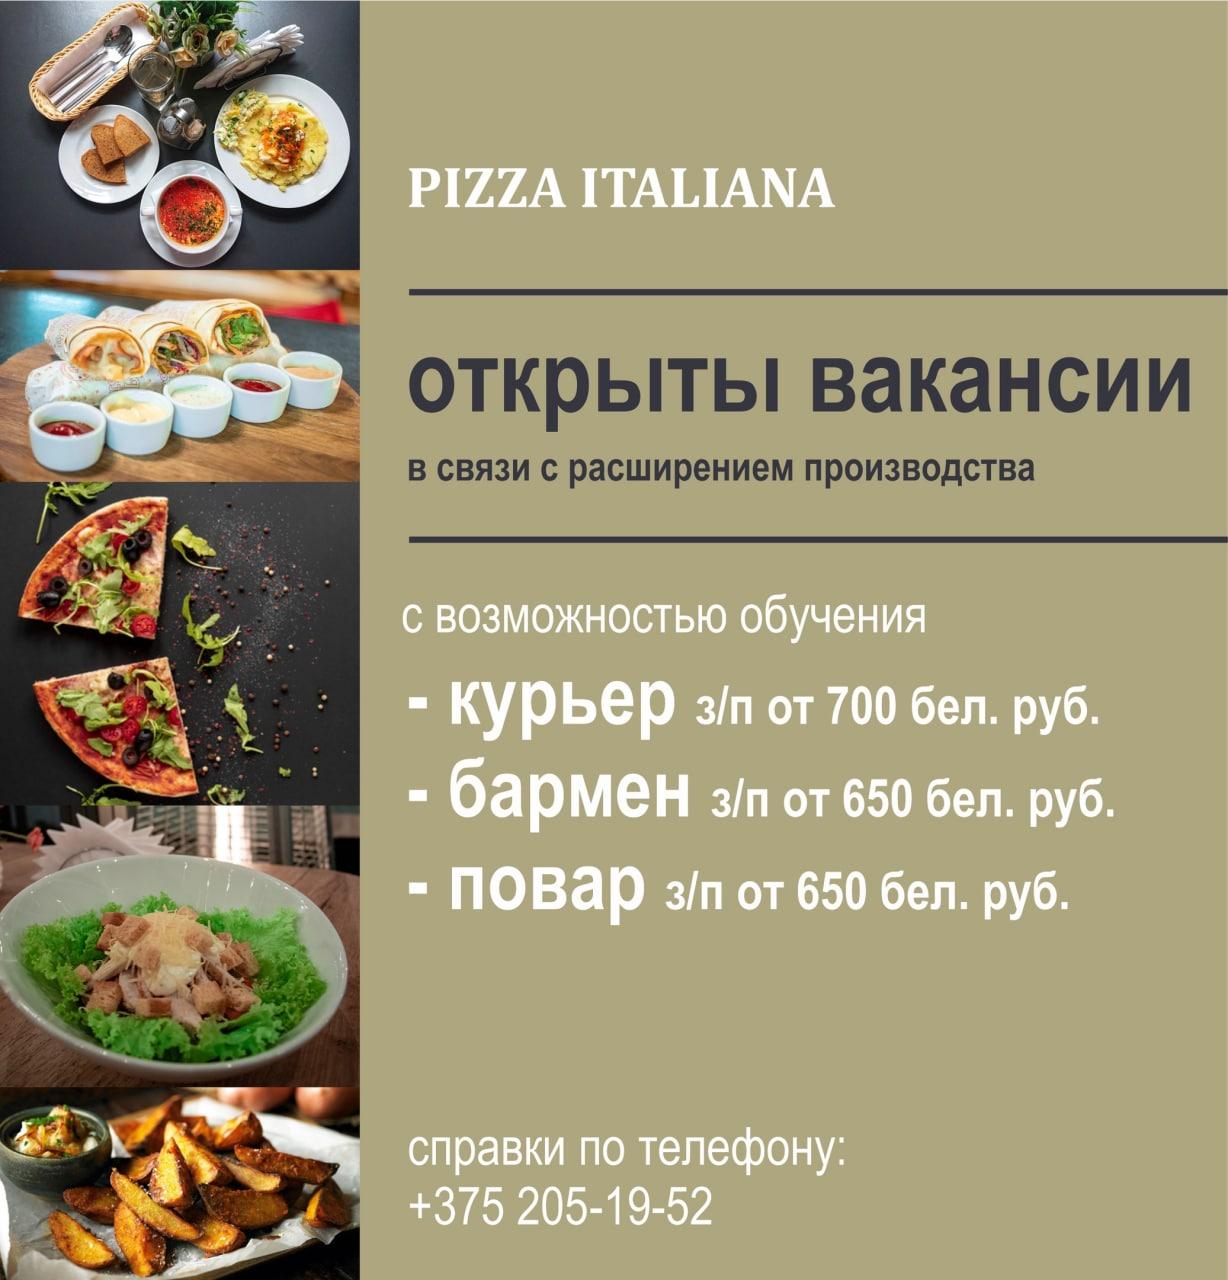 Вакансии в ПиццаИтальяна